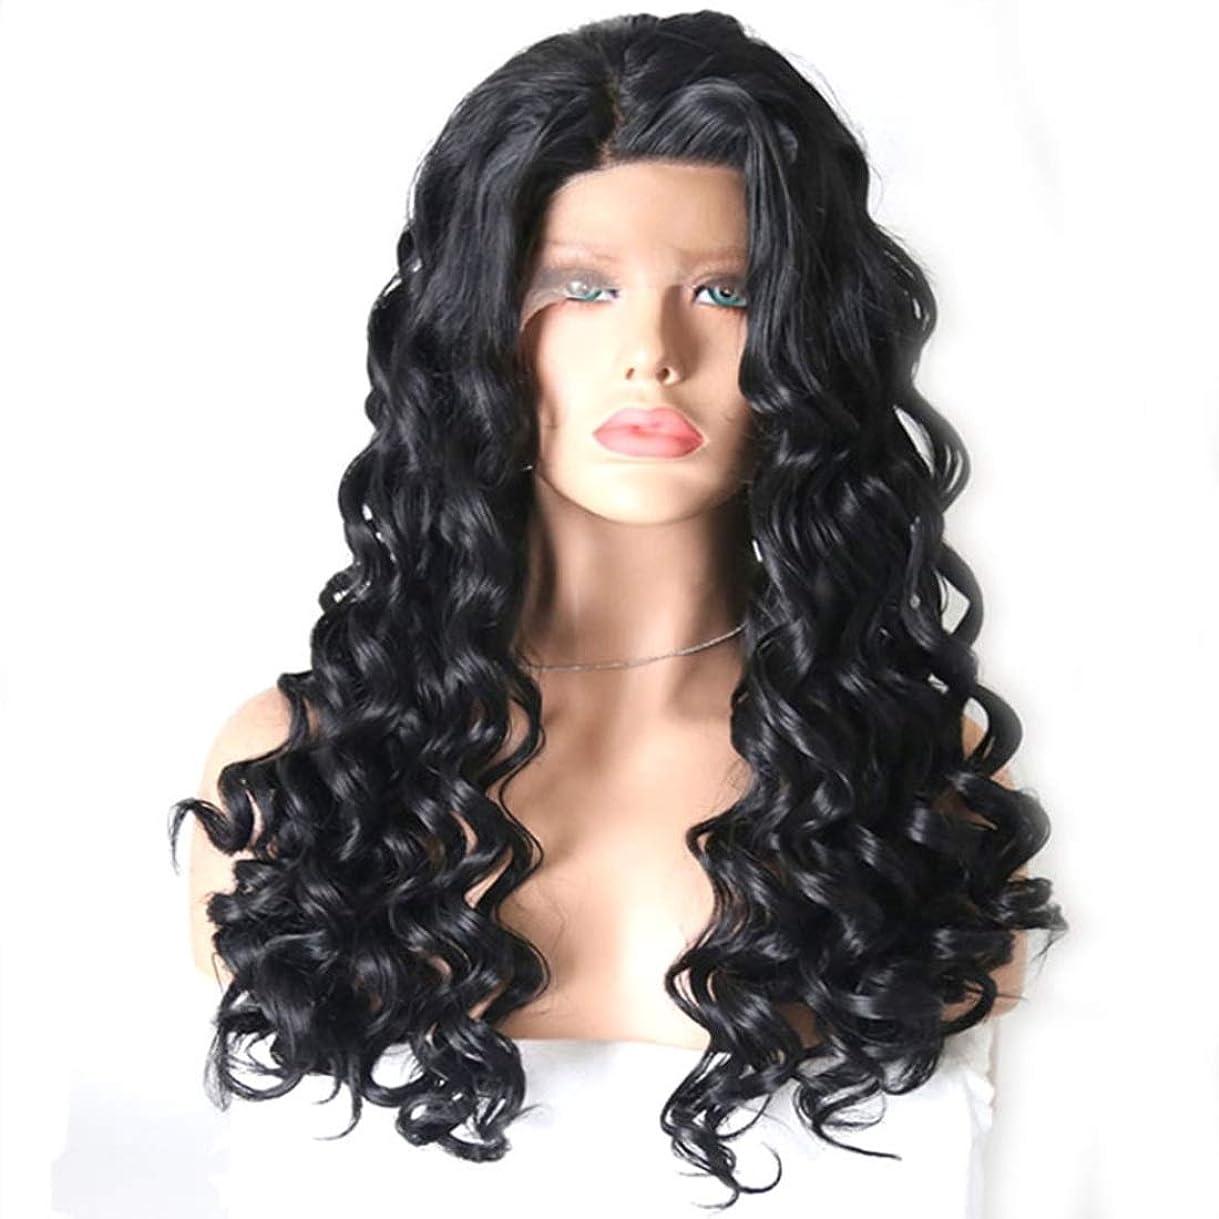 画家結核気分Summerys 黒い巻き毛のかつらフロントレースを持つ女性のための長い巻き毛 (Color : Black, Size : 20 inches)